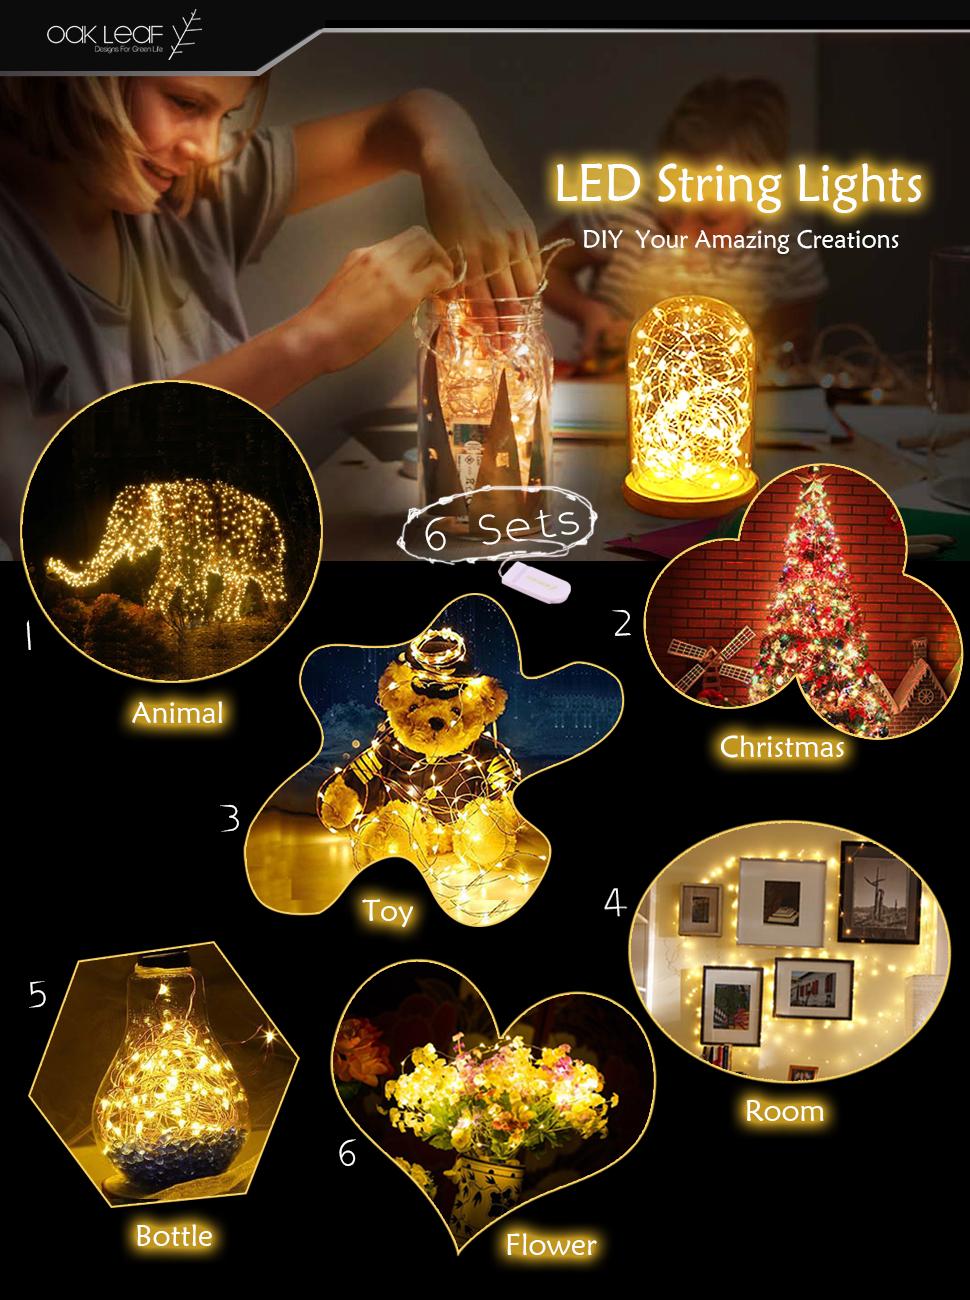 Diy flower string lights - Product Description